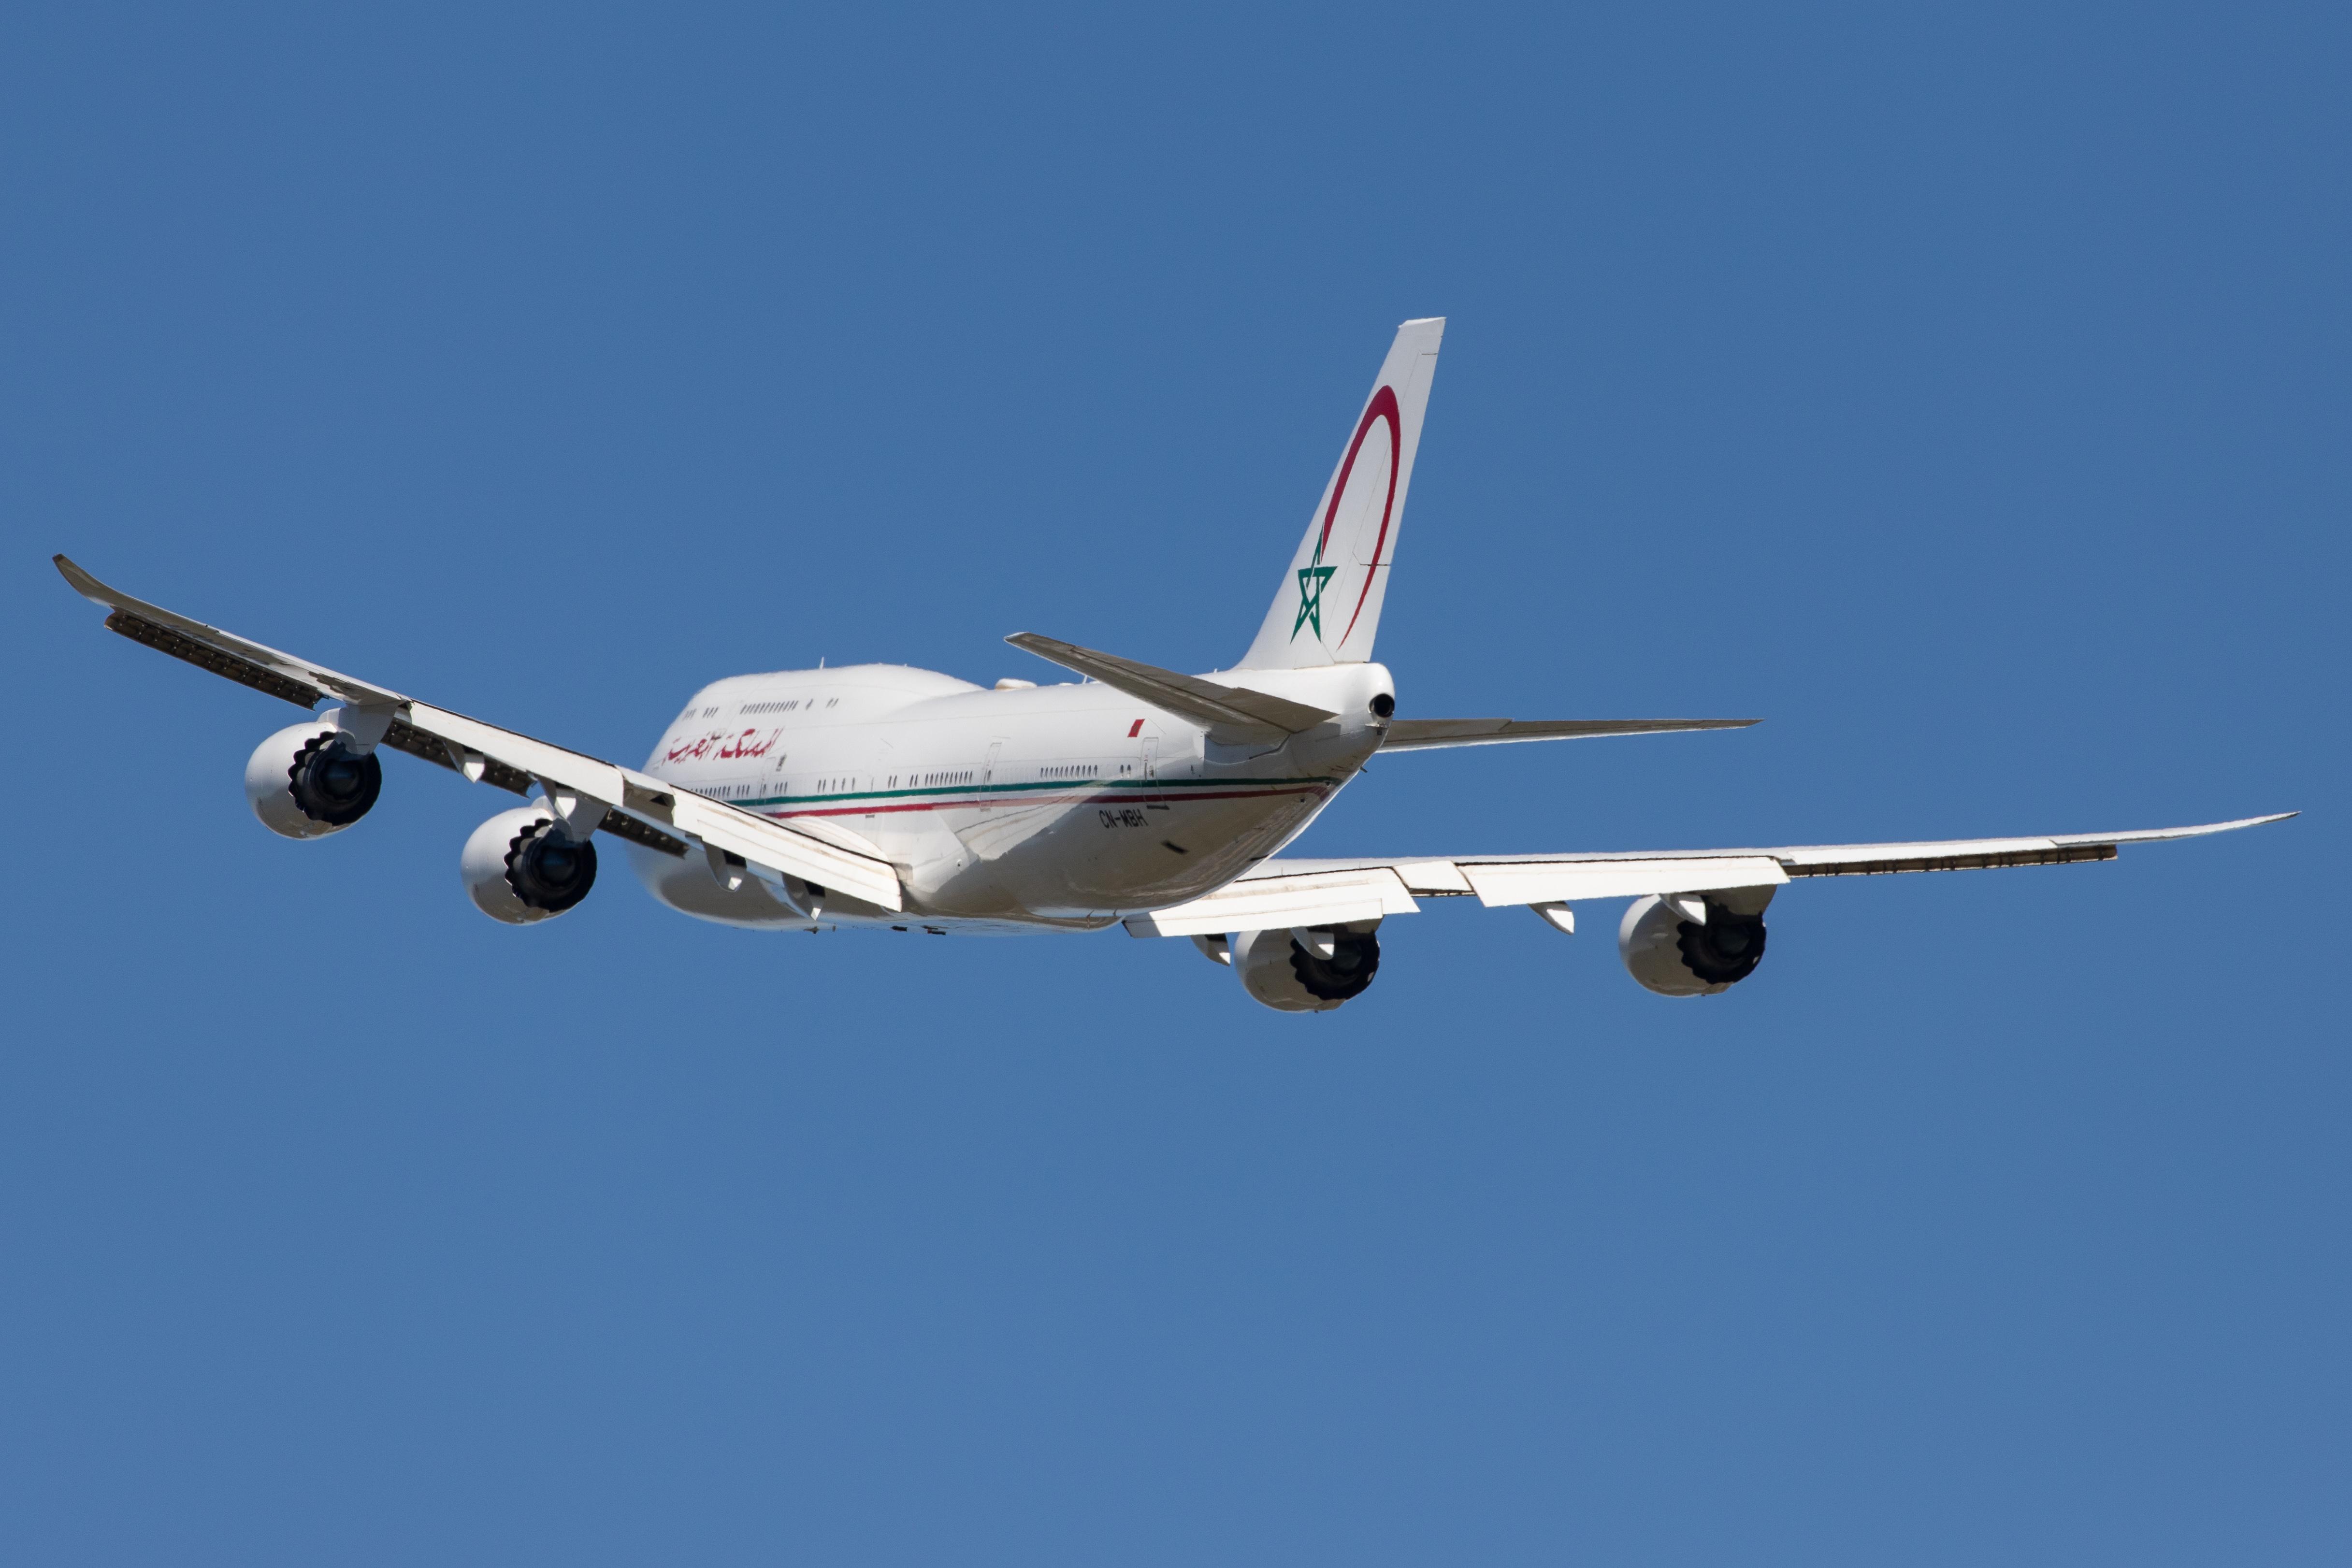 FRA: Avions VIP, Liaison & ECM - Page 24 49823302126_f88ebebb7d_o_d